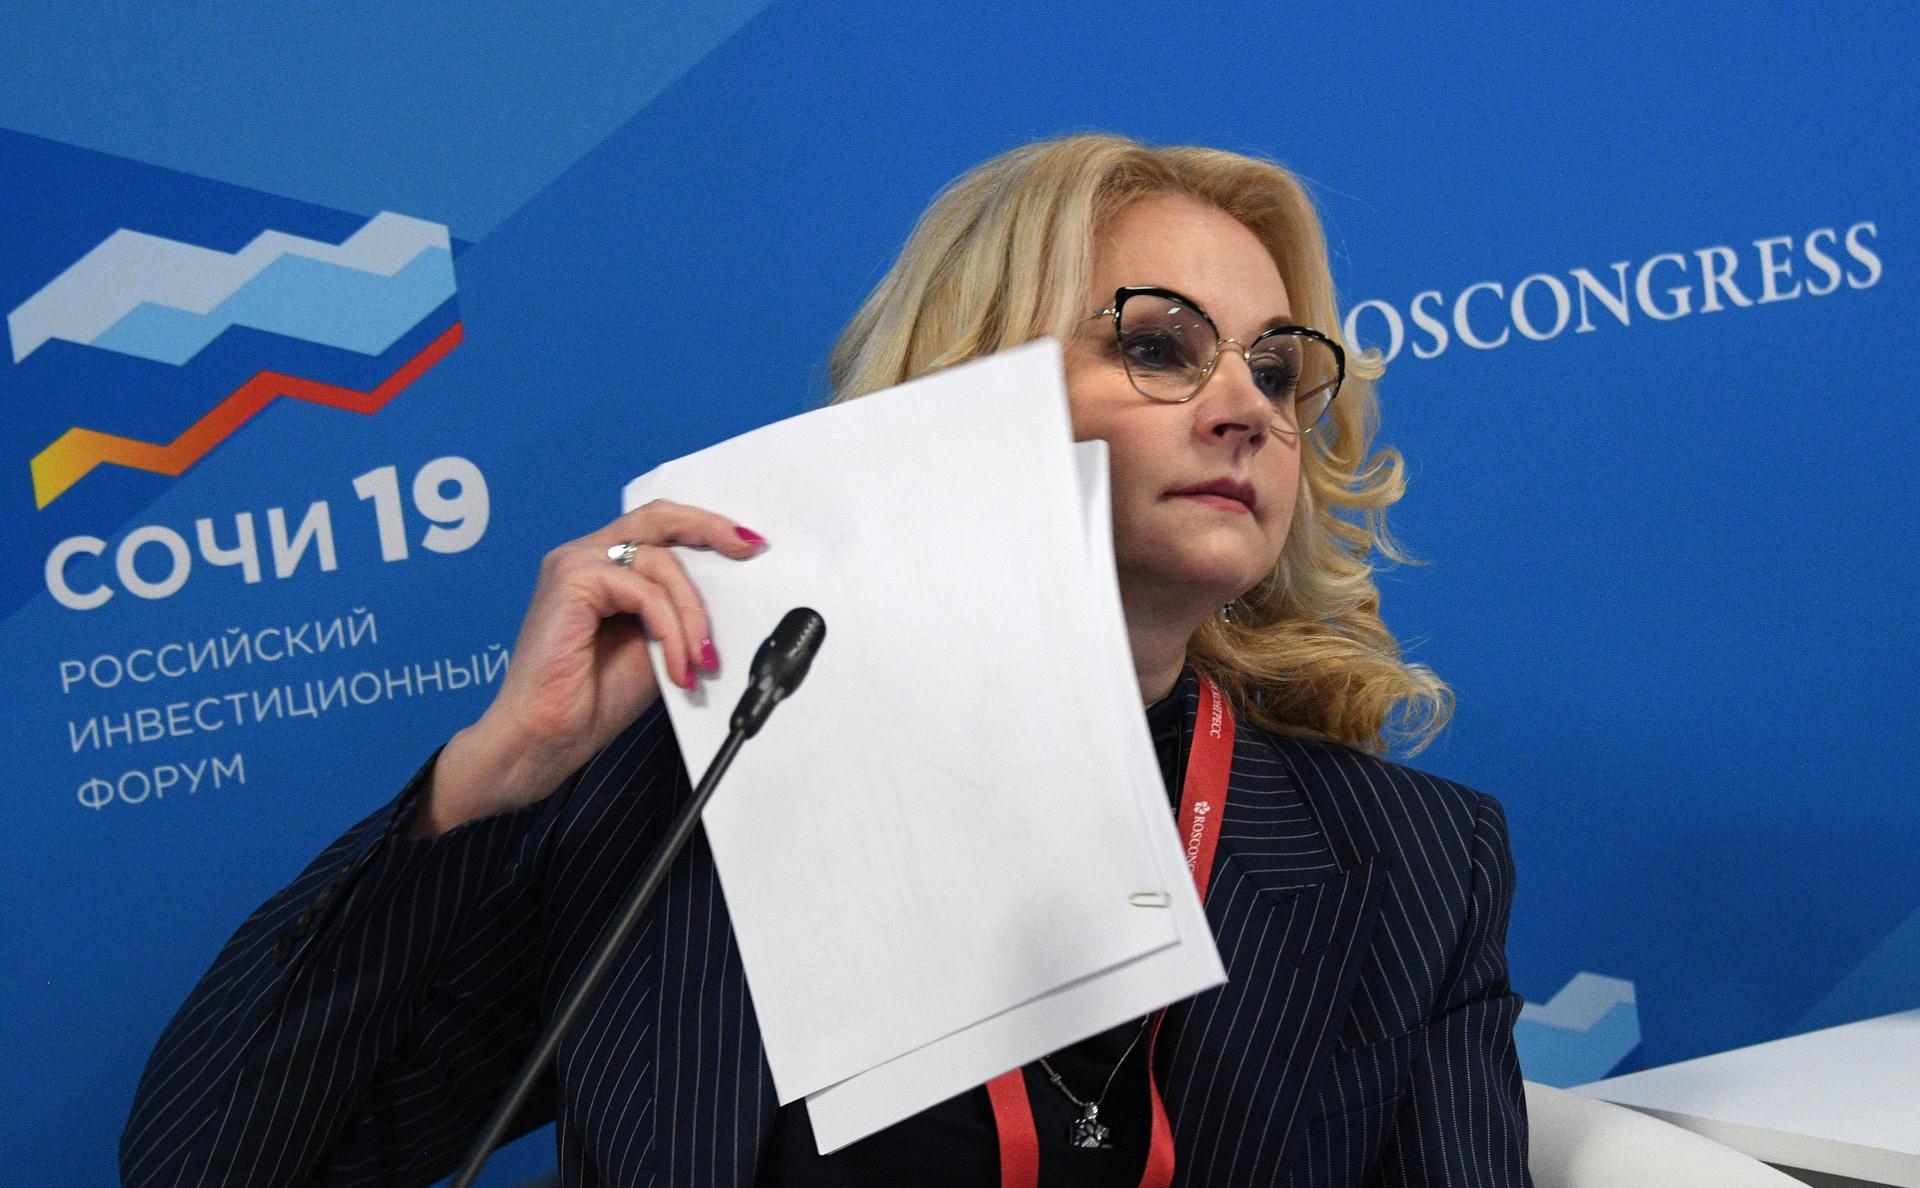 Фото: Евгений Биятов / РИА Новости